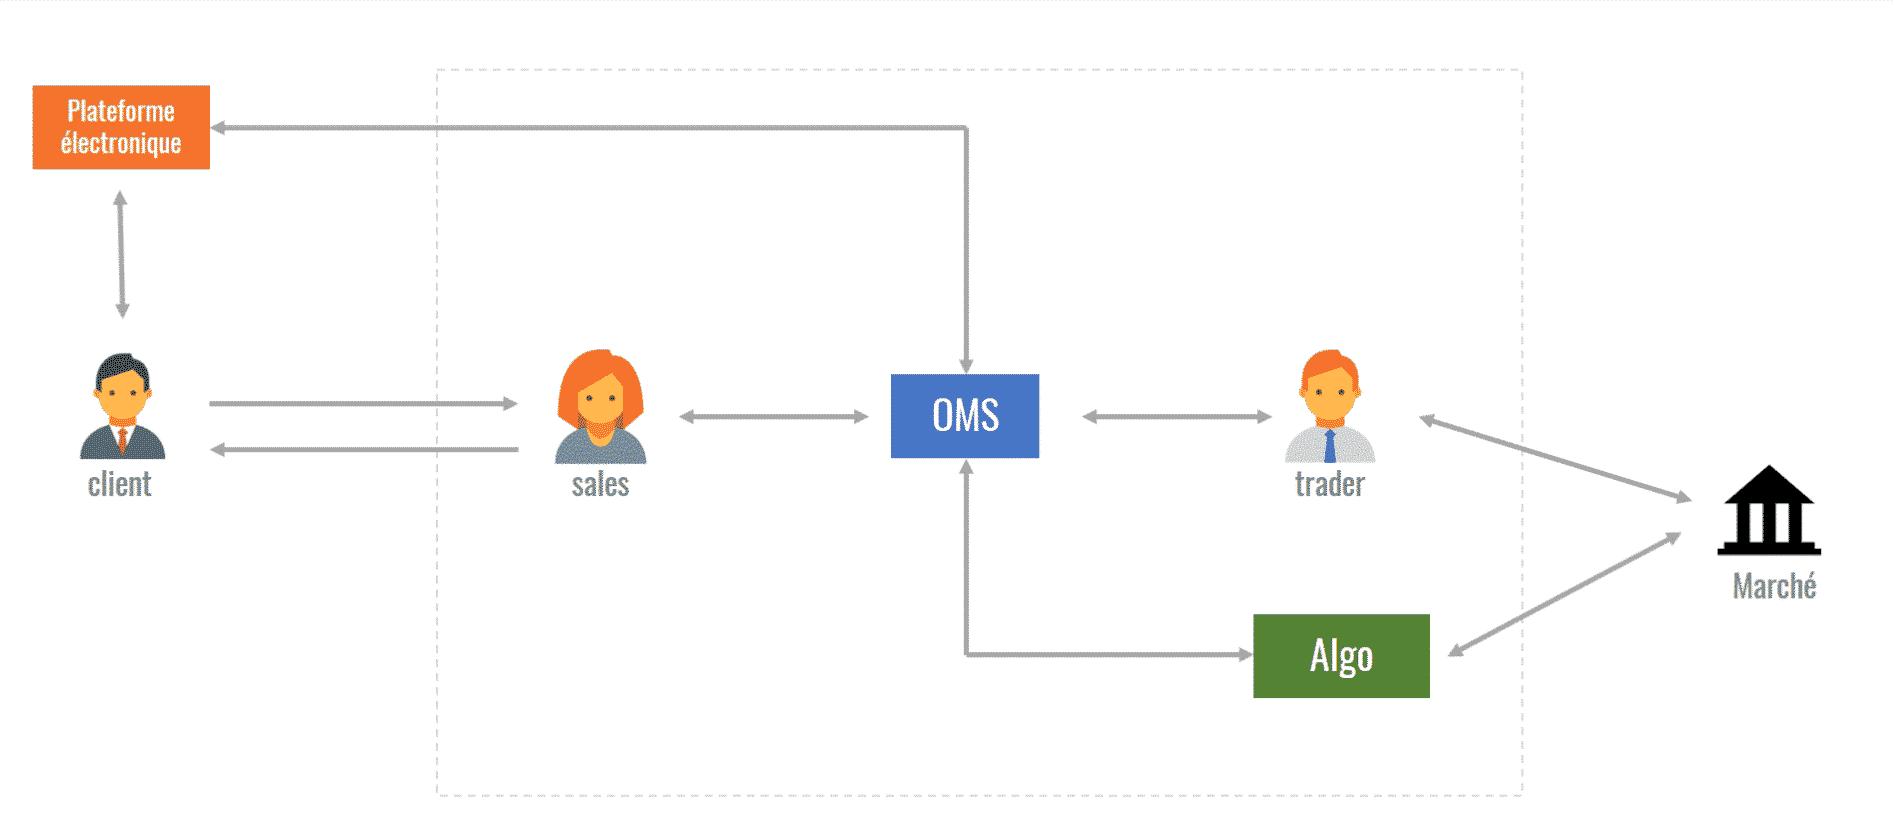 Architecture simplifiée d'un OMS centralisant la négociation OTC & organisé entre la banque et ses clients